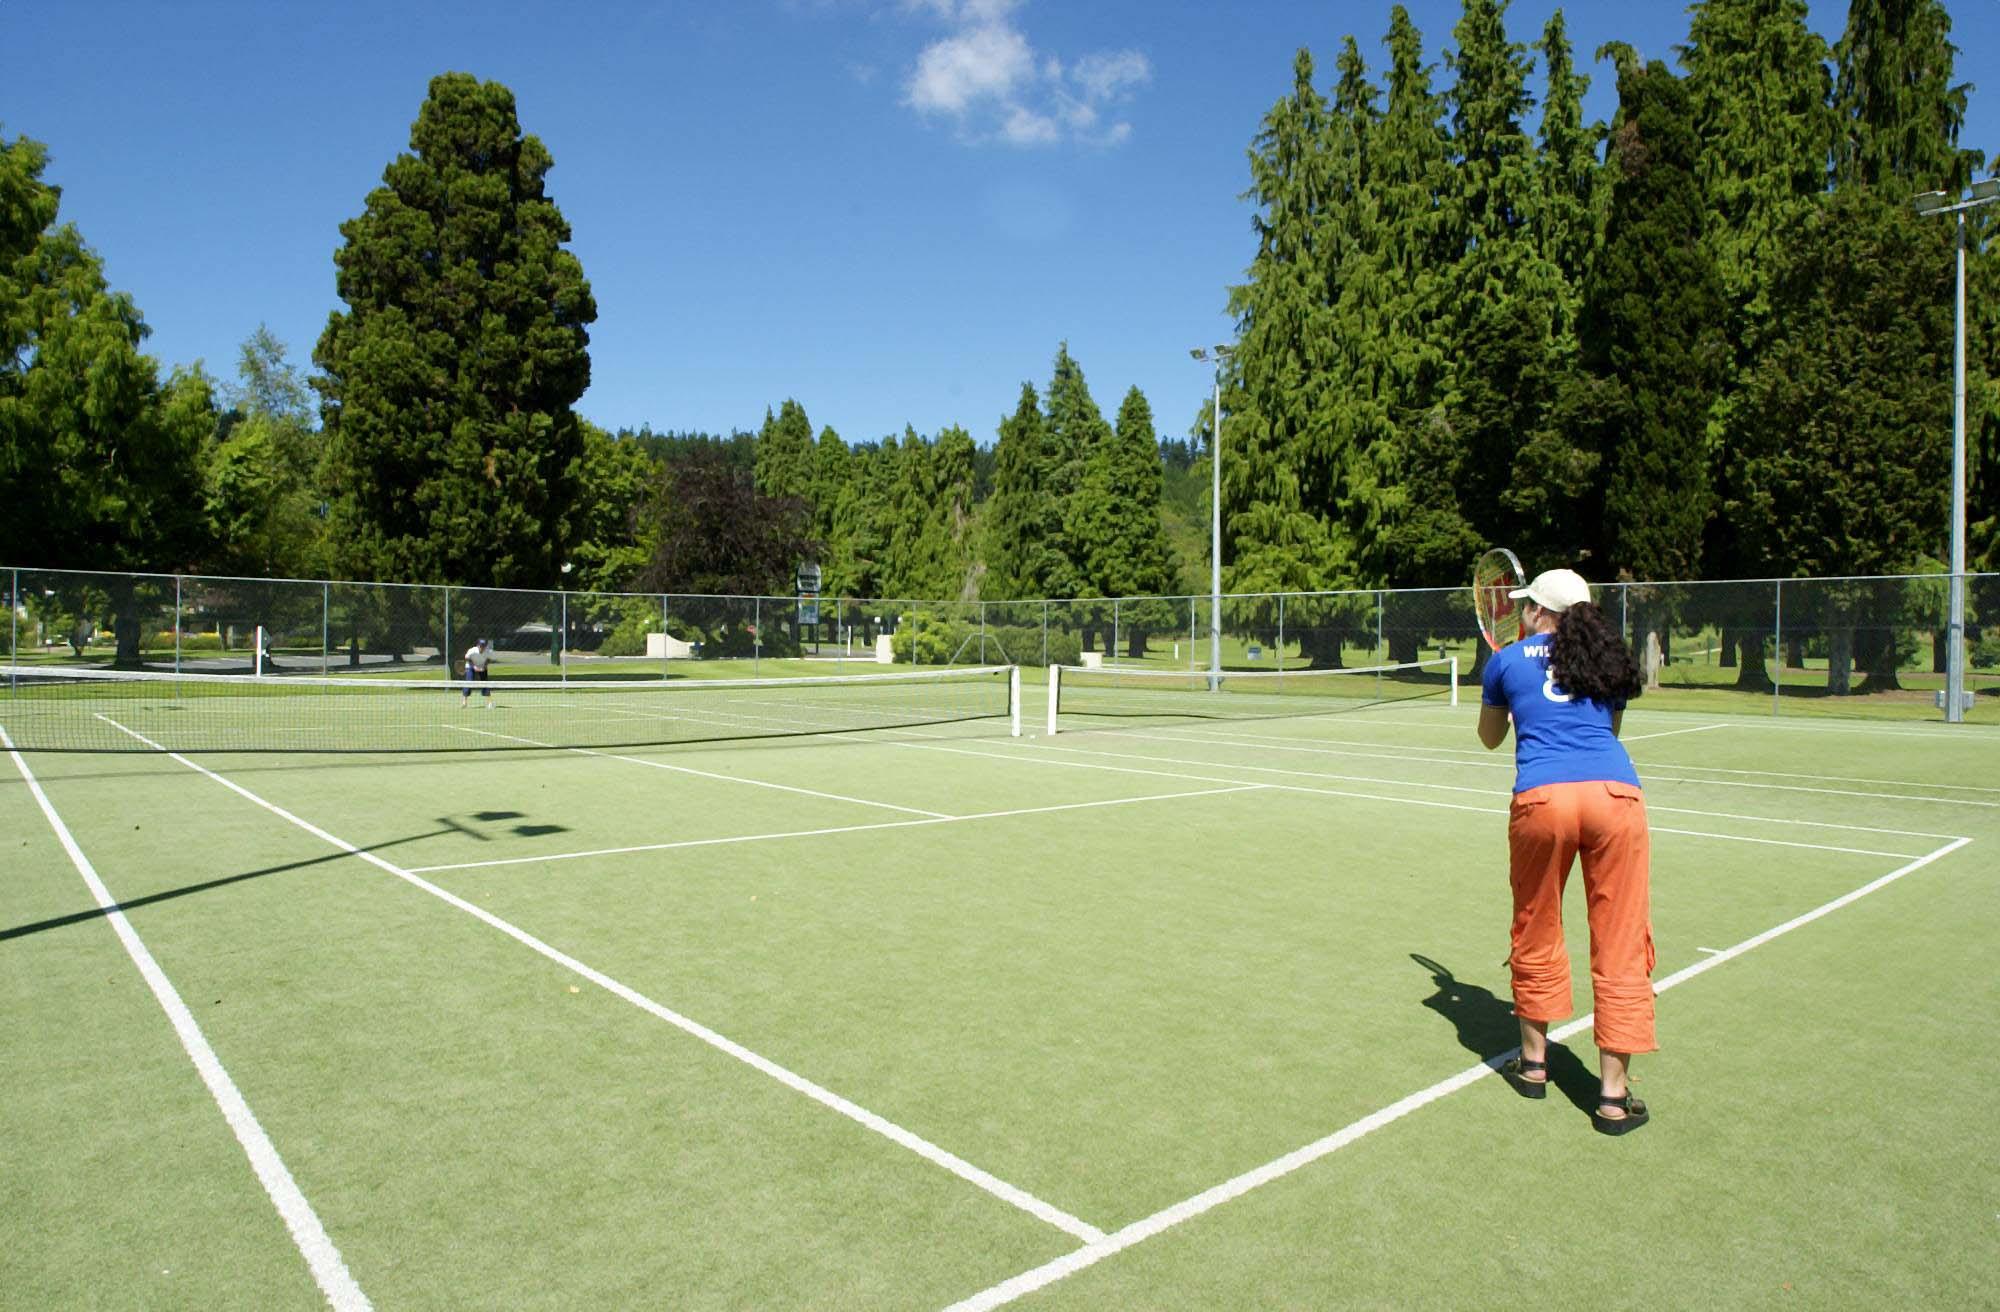 Tennis_Courts.jpg